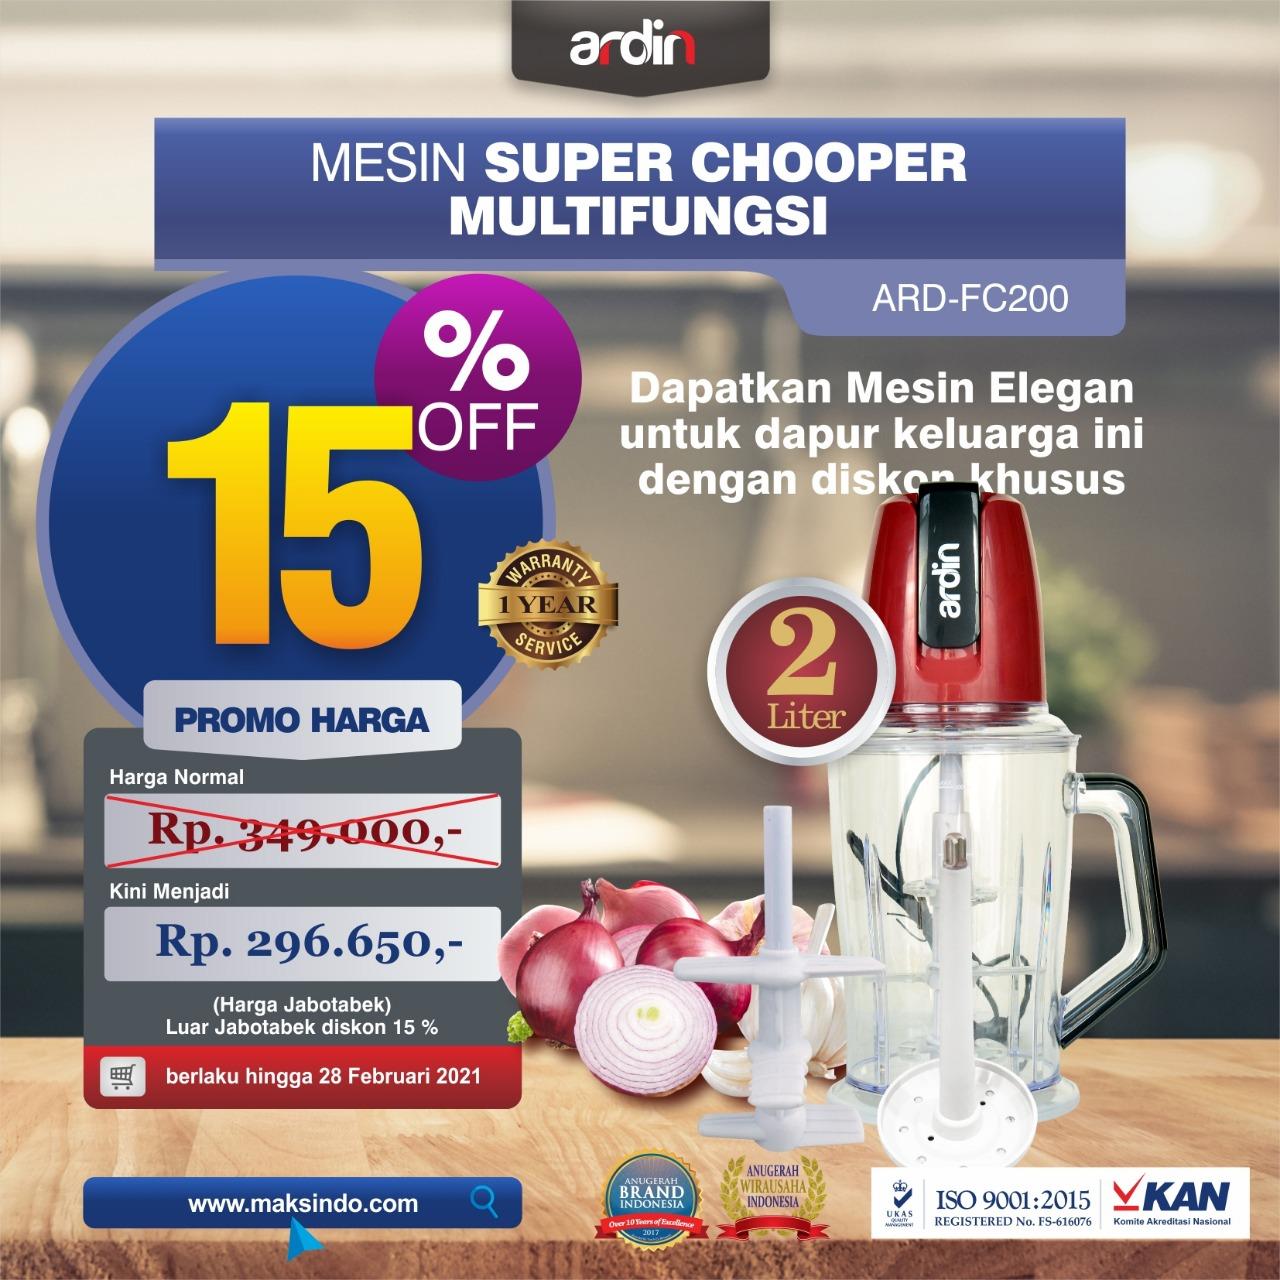 Jual Mesin Food Chopper Ardin Multi Fungsi ARD-FC200 di Bekasi